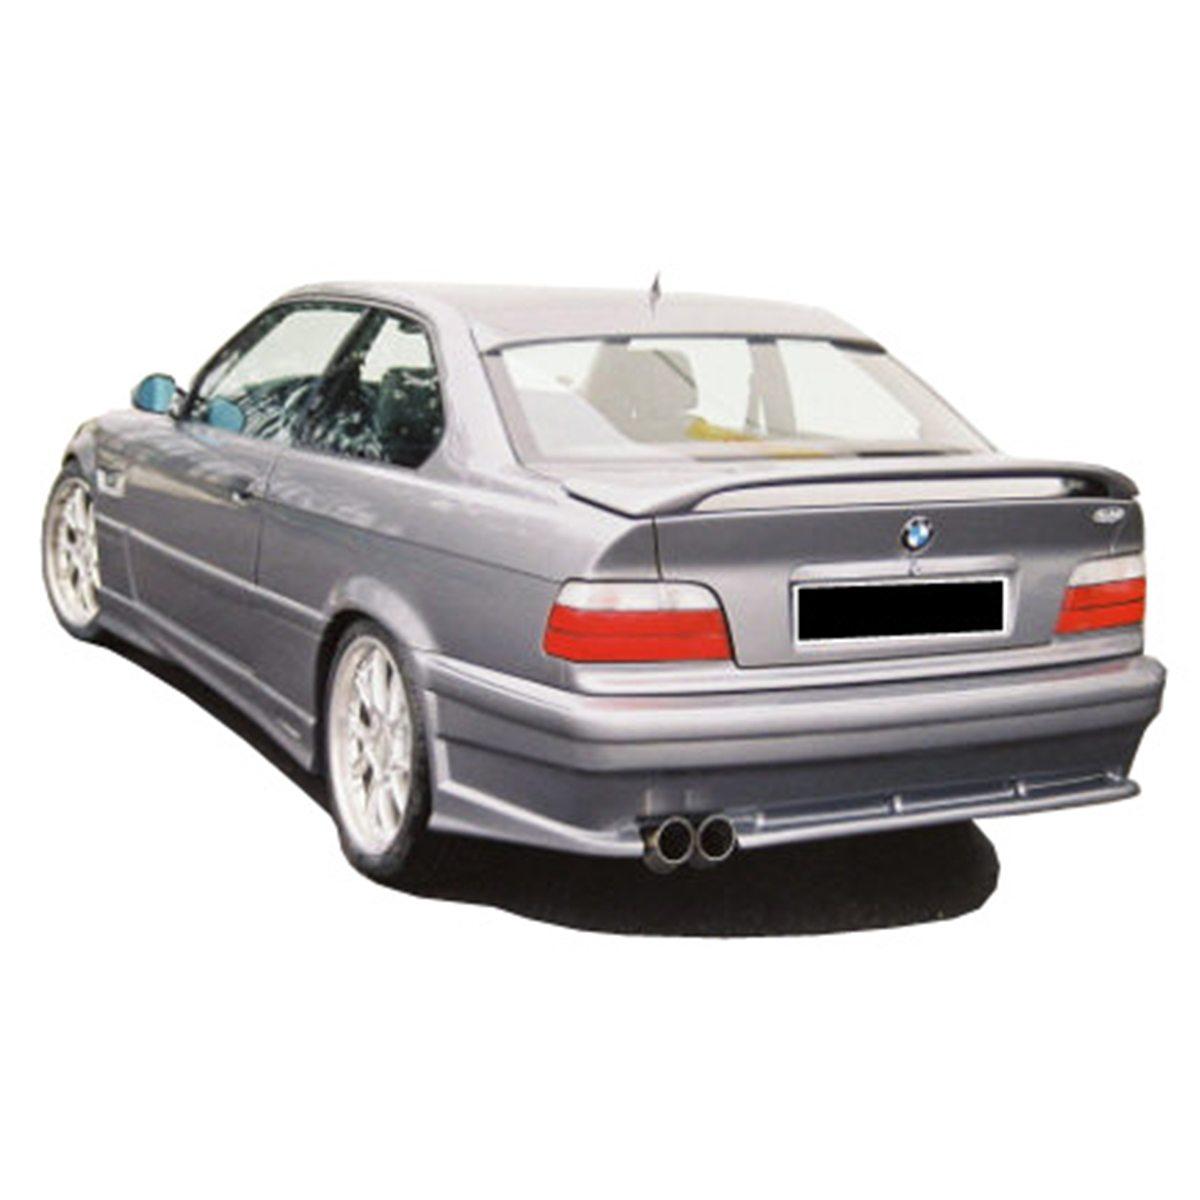 BMW-E36-Illusion-tras-PCA004